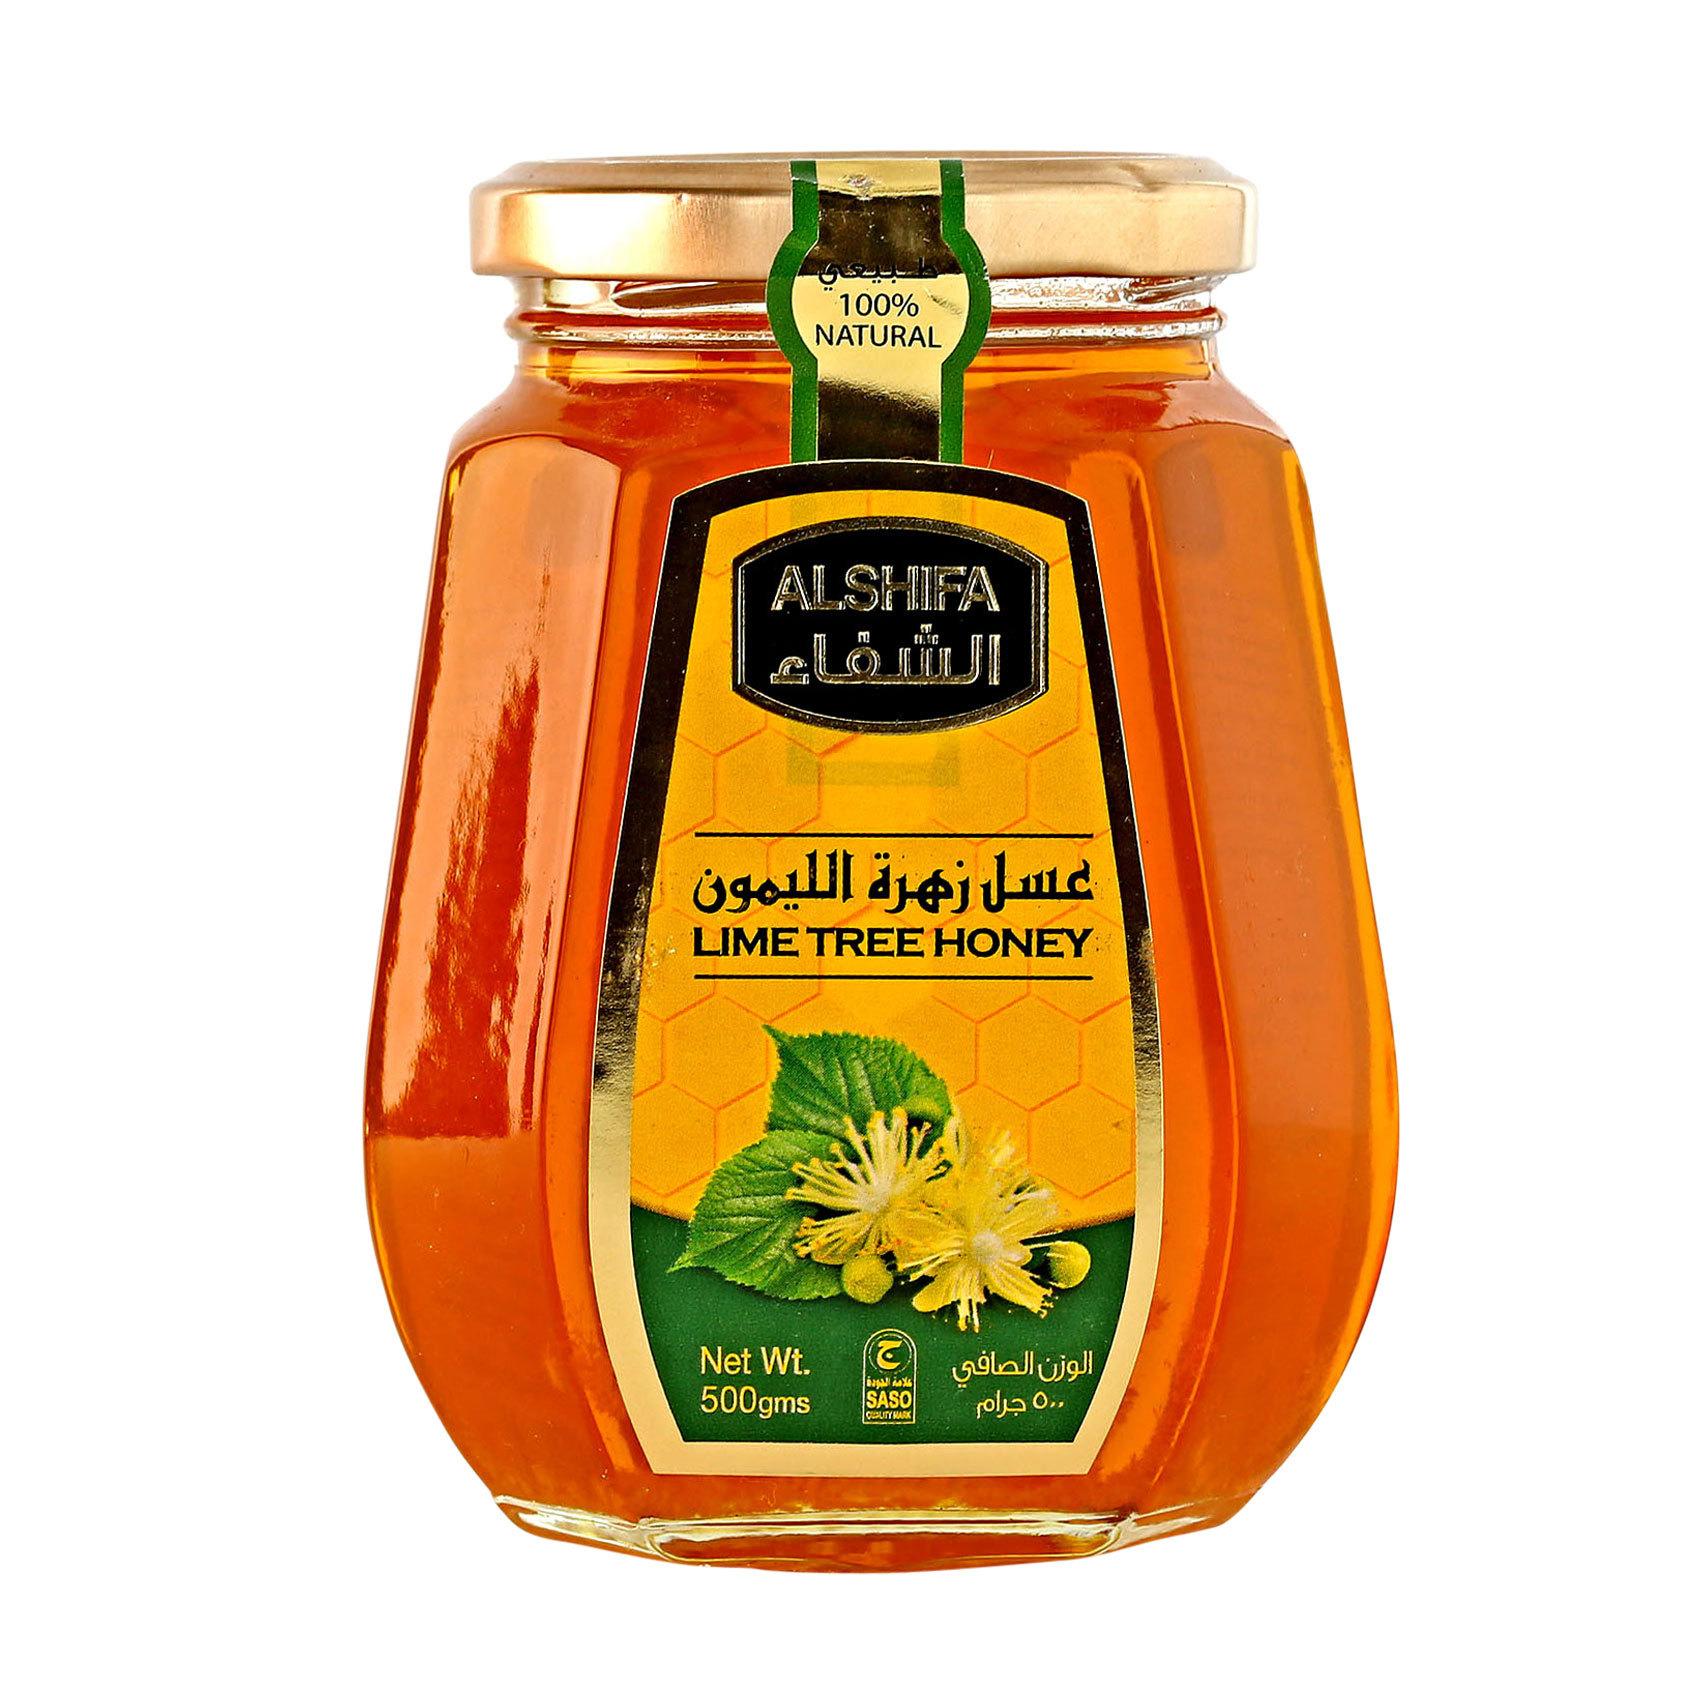 AL SHIFA LIME TREE HONEY 500G